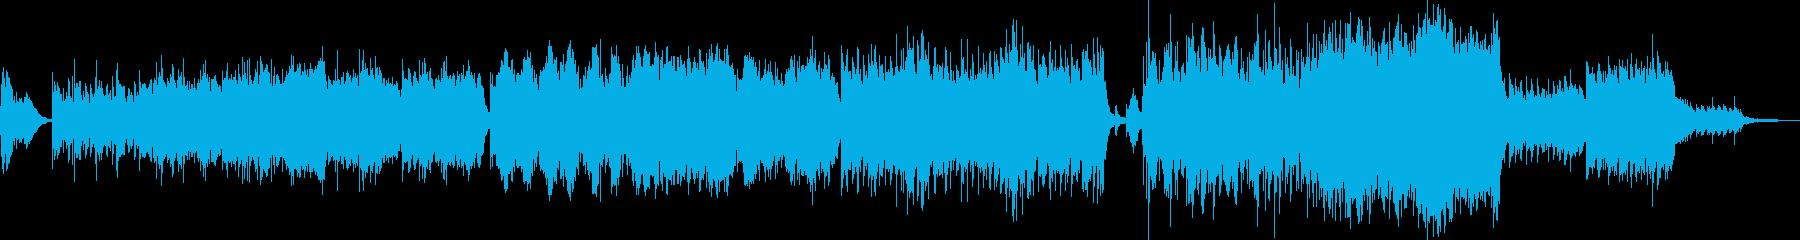 爽快なオーケストラポップスの再生済みの波形